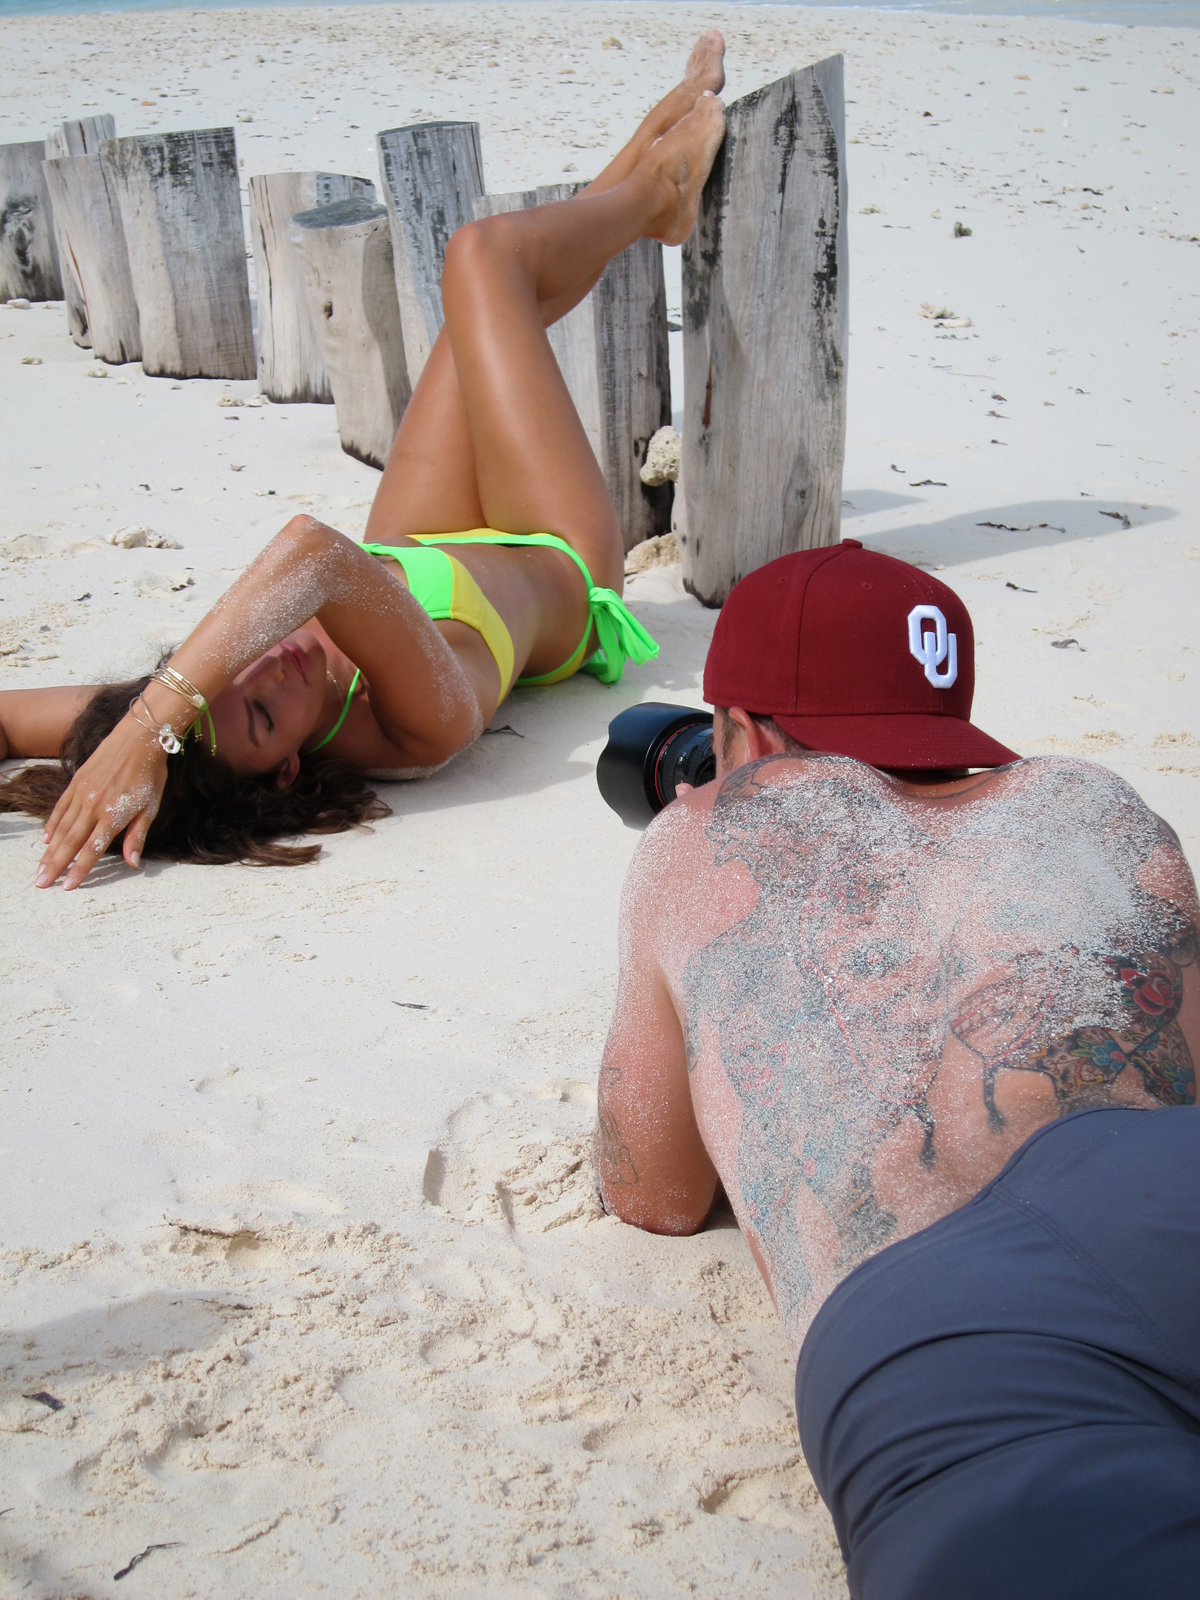 Photographer James Macari and Alyssa Miller